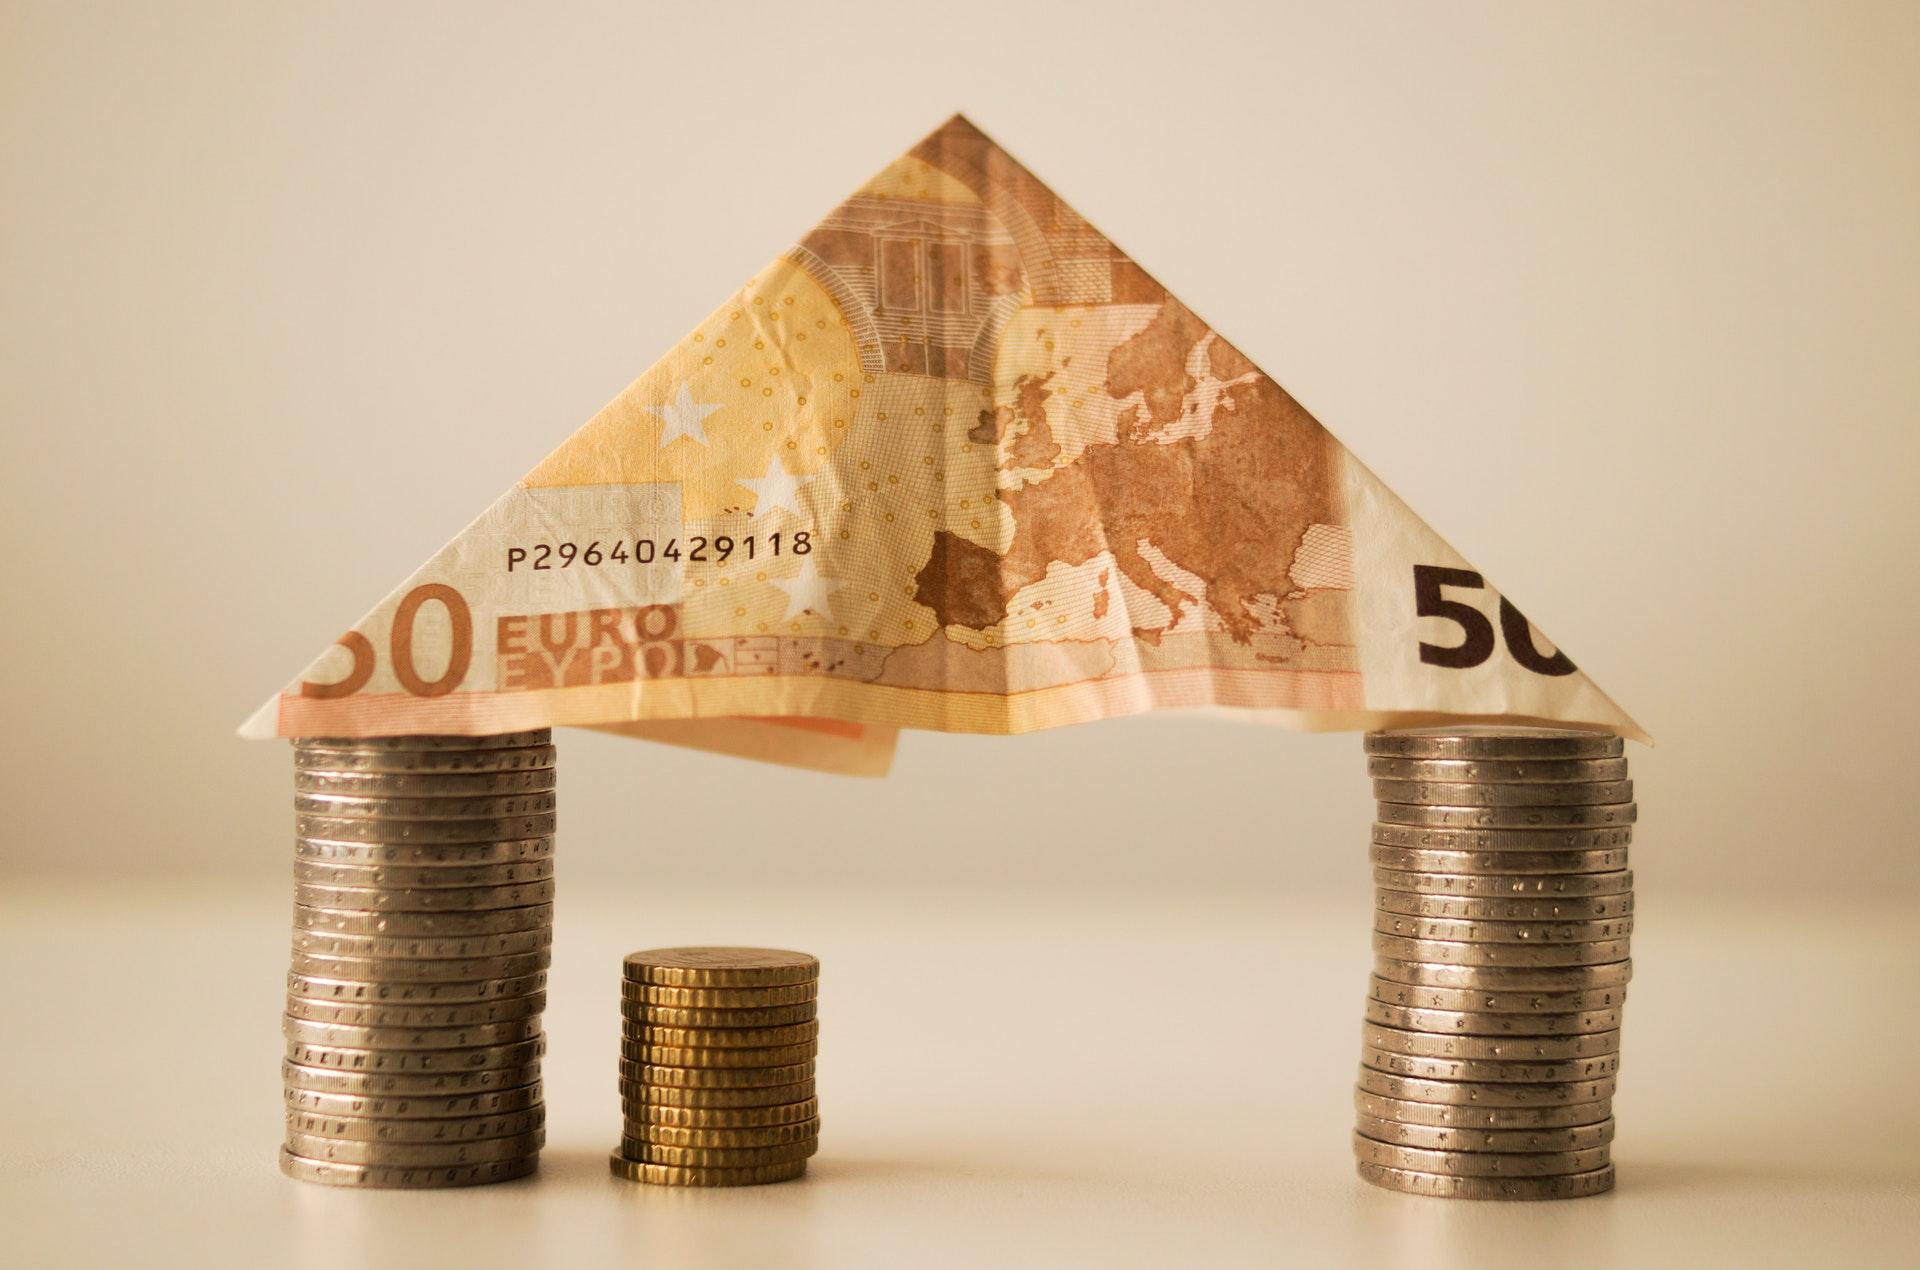 Huis van euro biljetten